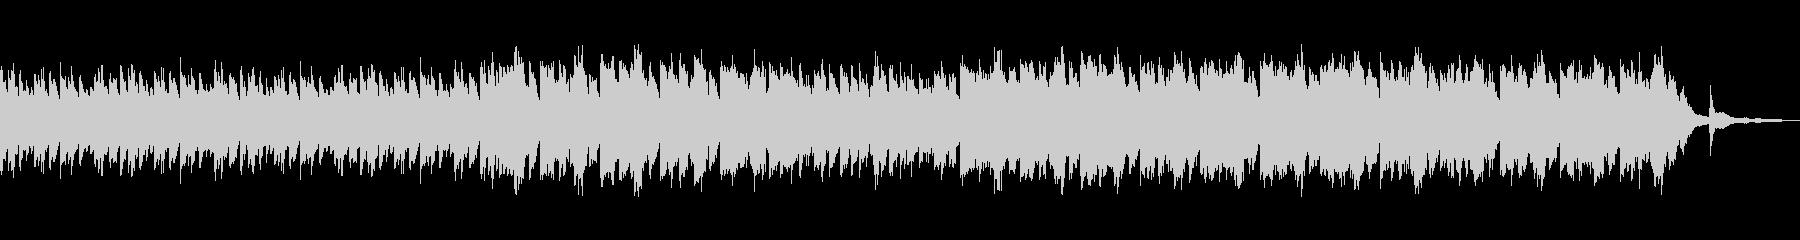 【フル尺】朝焼けイメージのシンプルBGMの未再生の波形